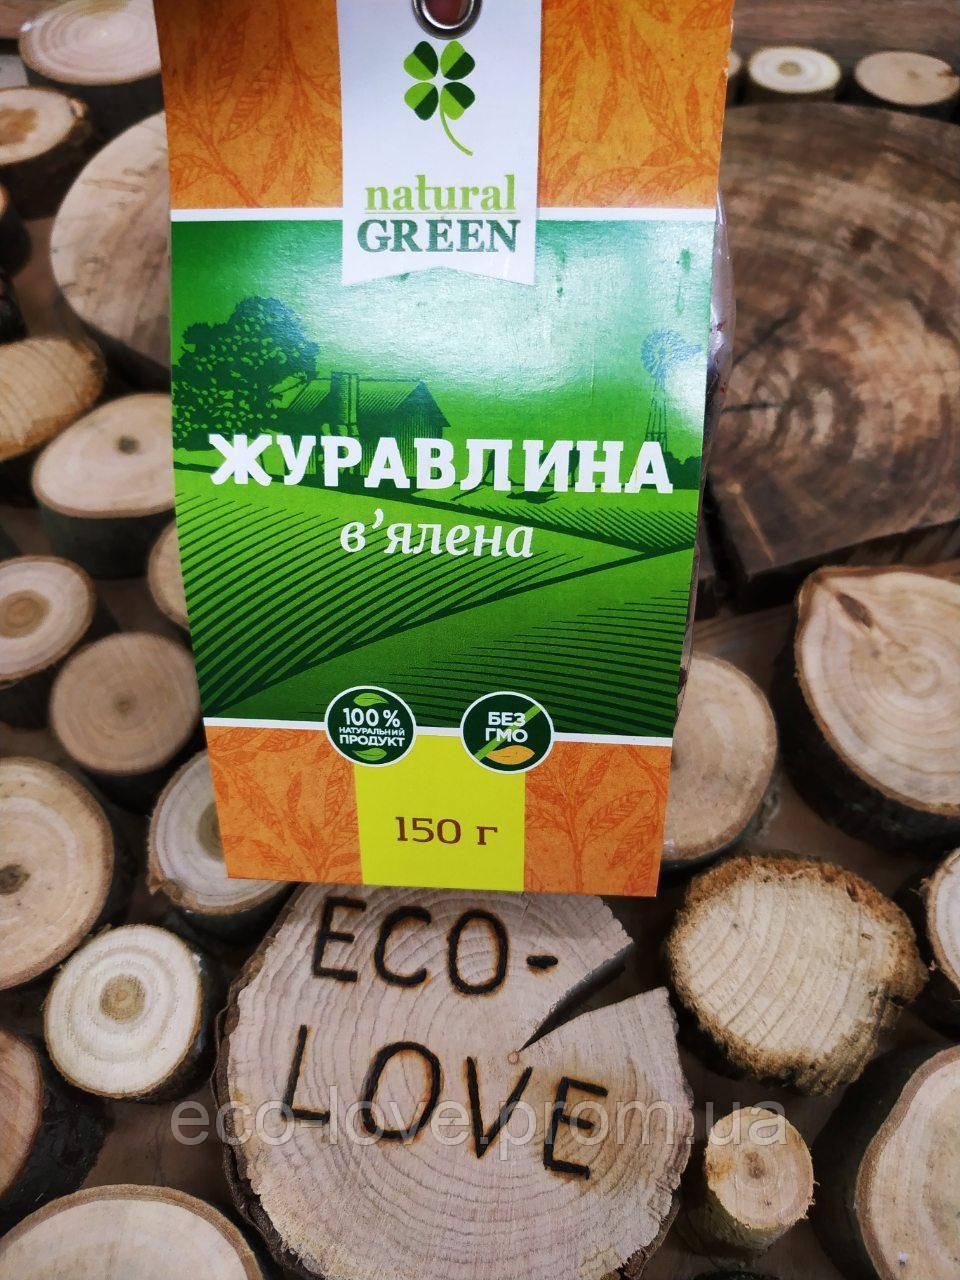 Клюква вяленая, NATURAL GREEN